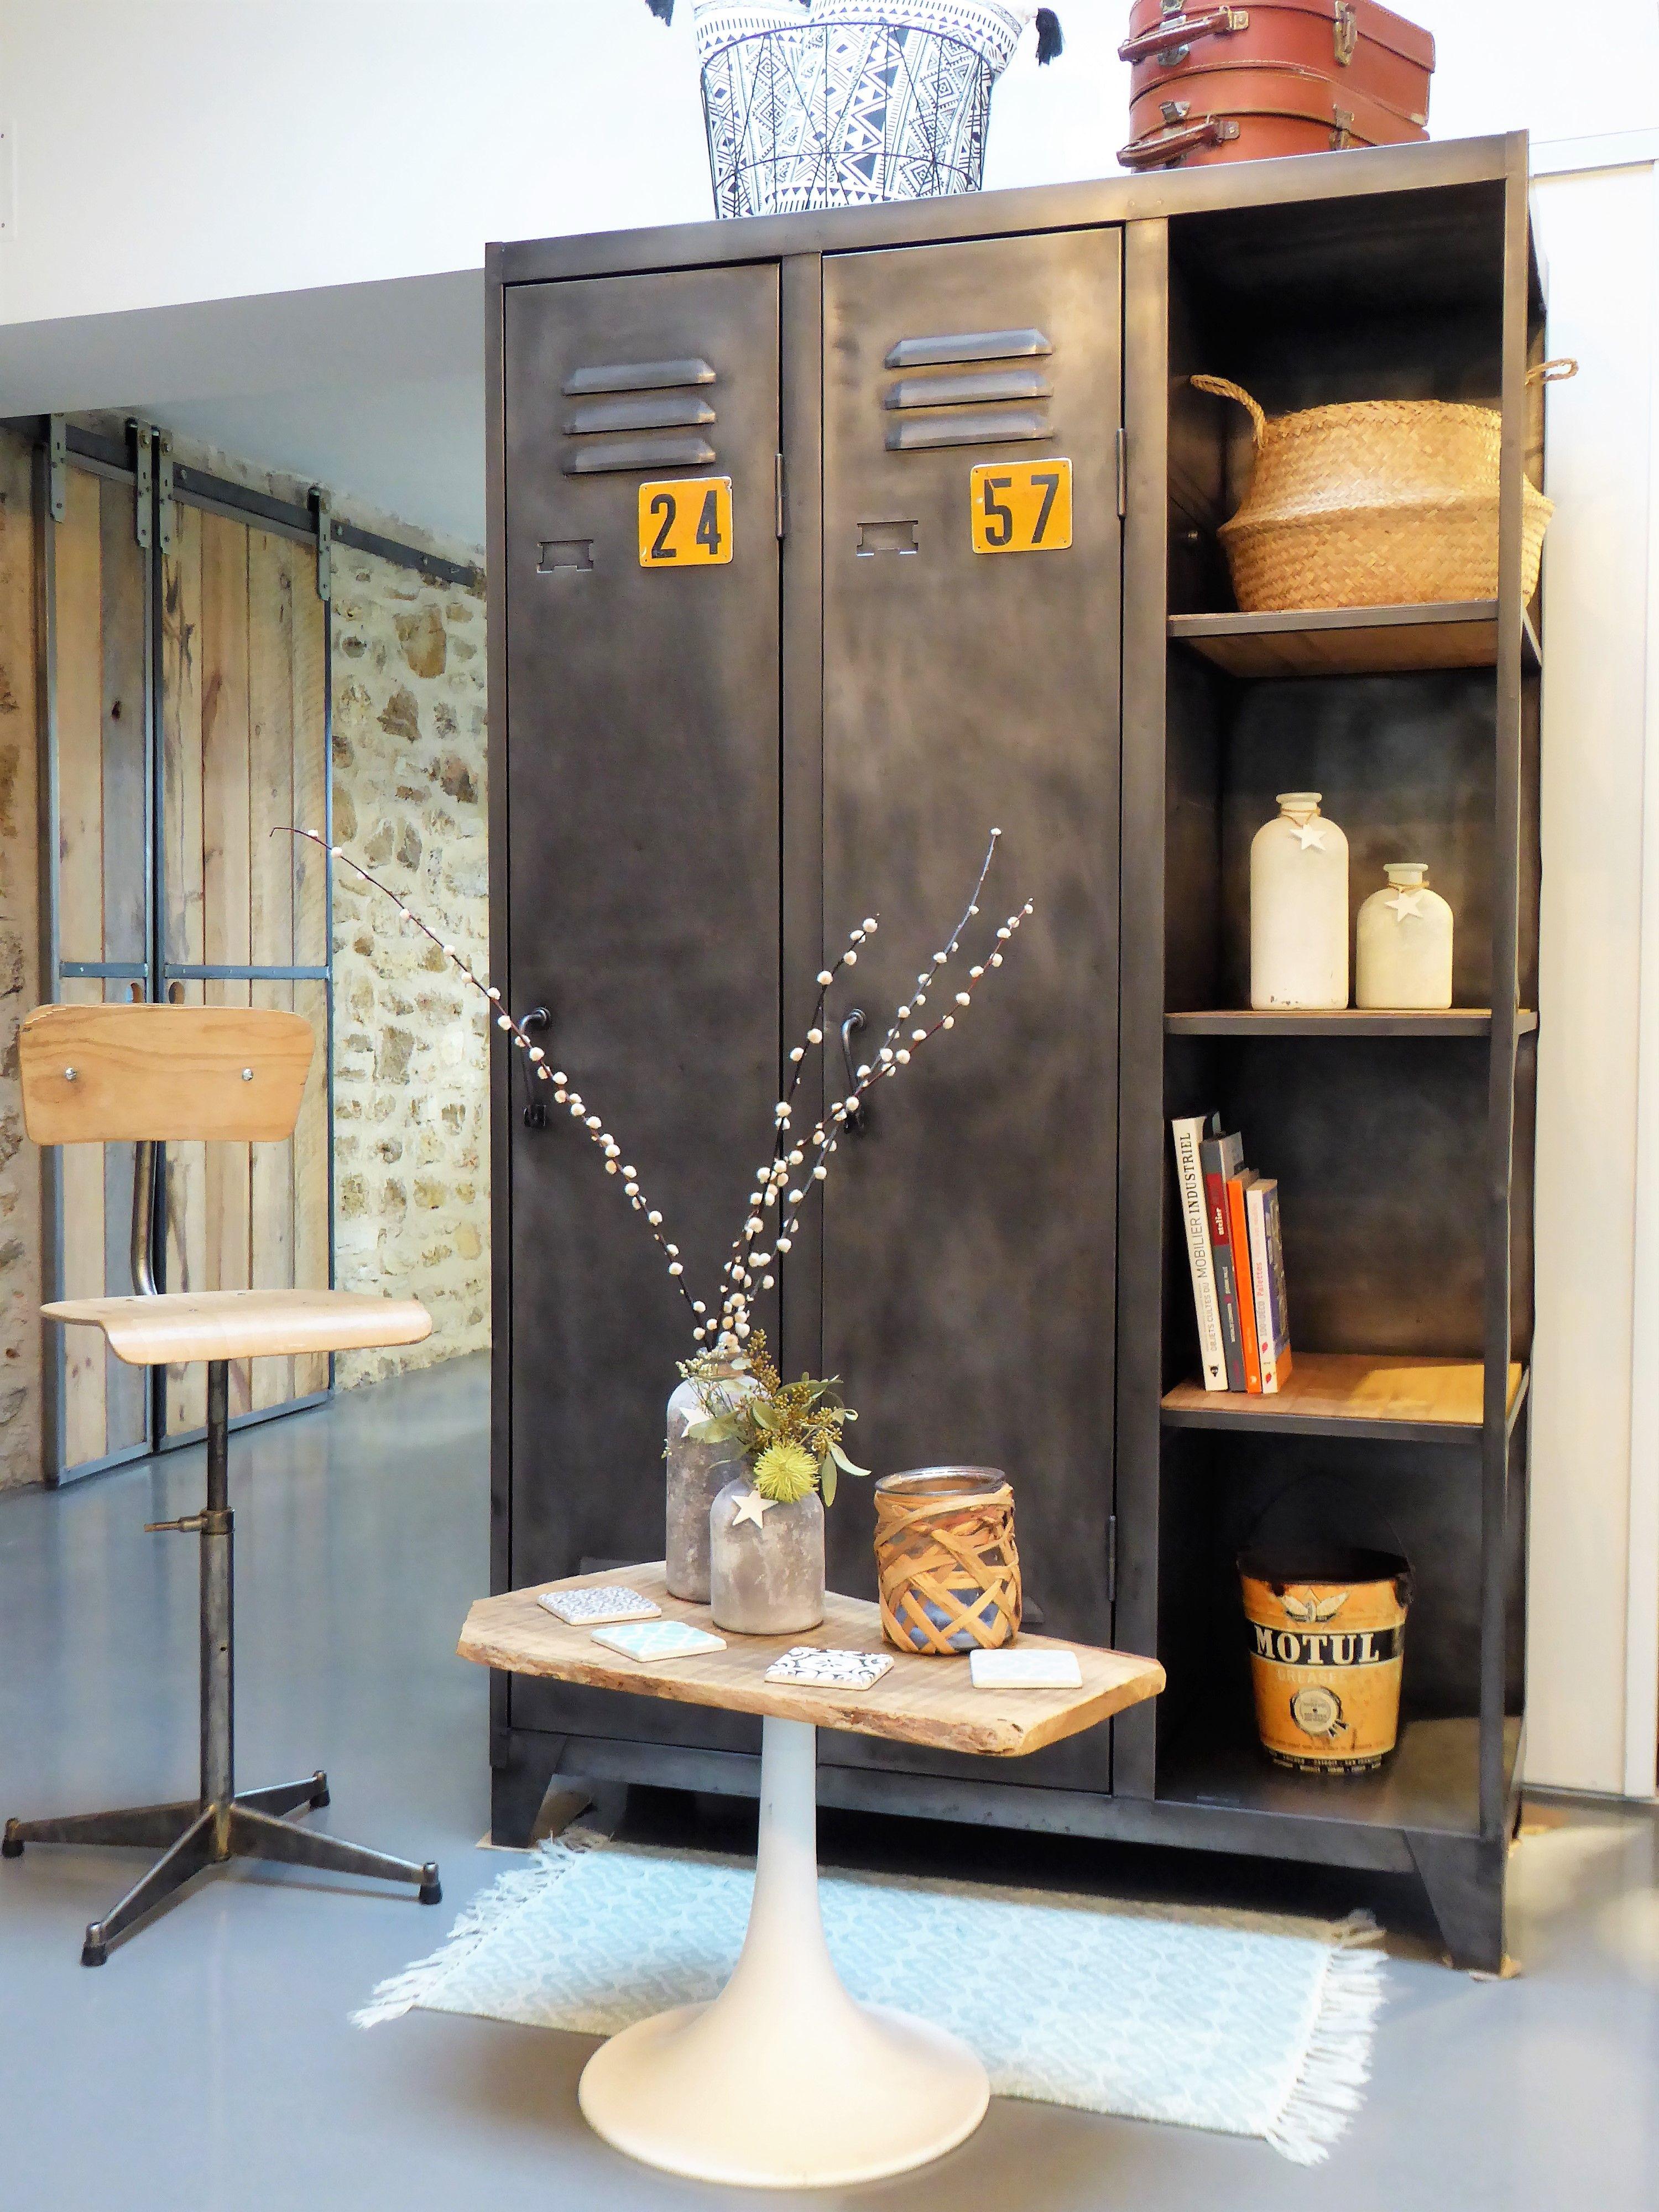 Vestiaire An 70 Inspirationrecup Com Vous Propose Un Vestiaire Des Annees 70 Avec Son A Vestiaire Entree Idees De Decoration Interieure Deco Maison Interieur